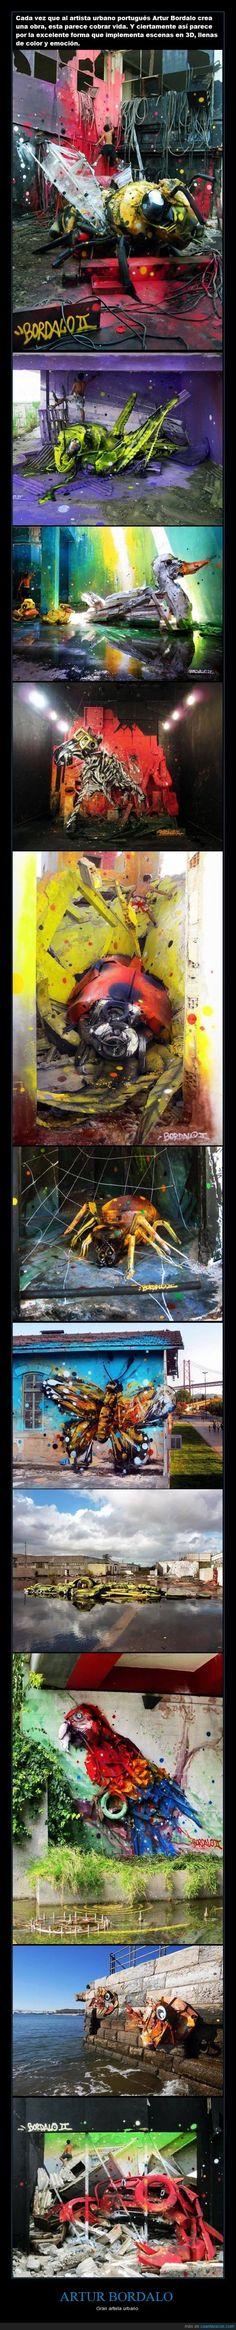 ARTUR BORDALO - Gran artista urbano